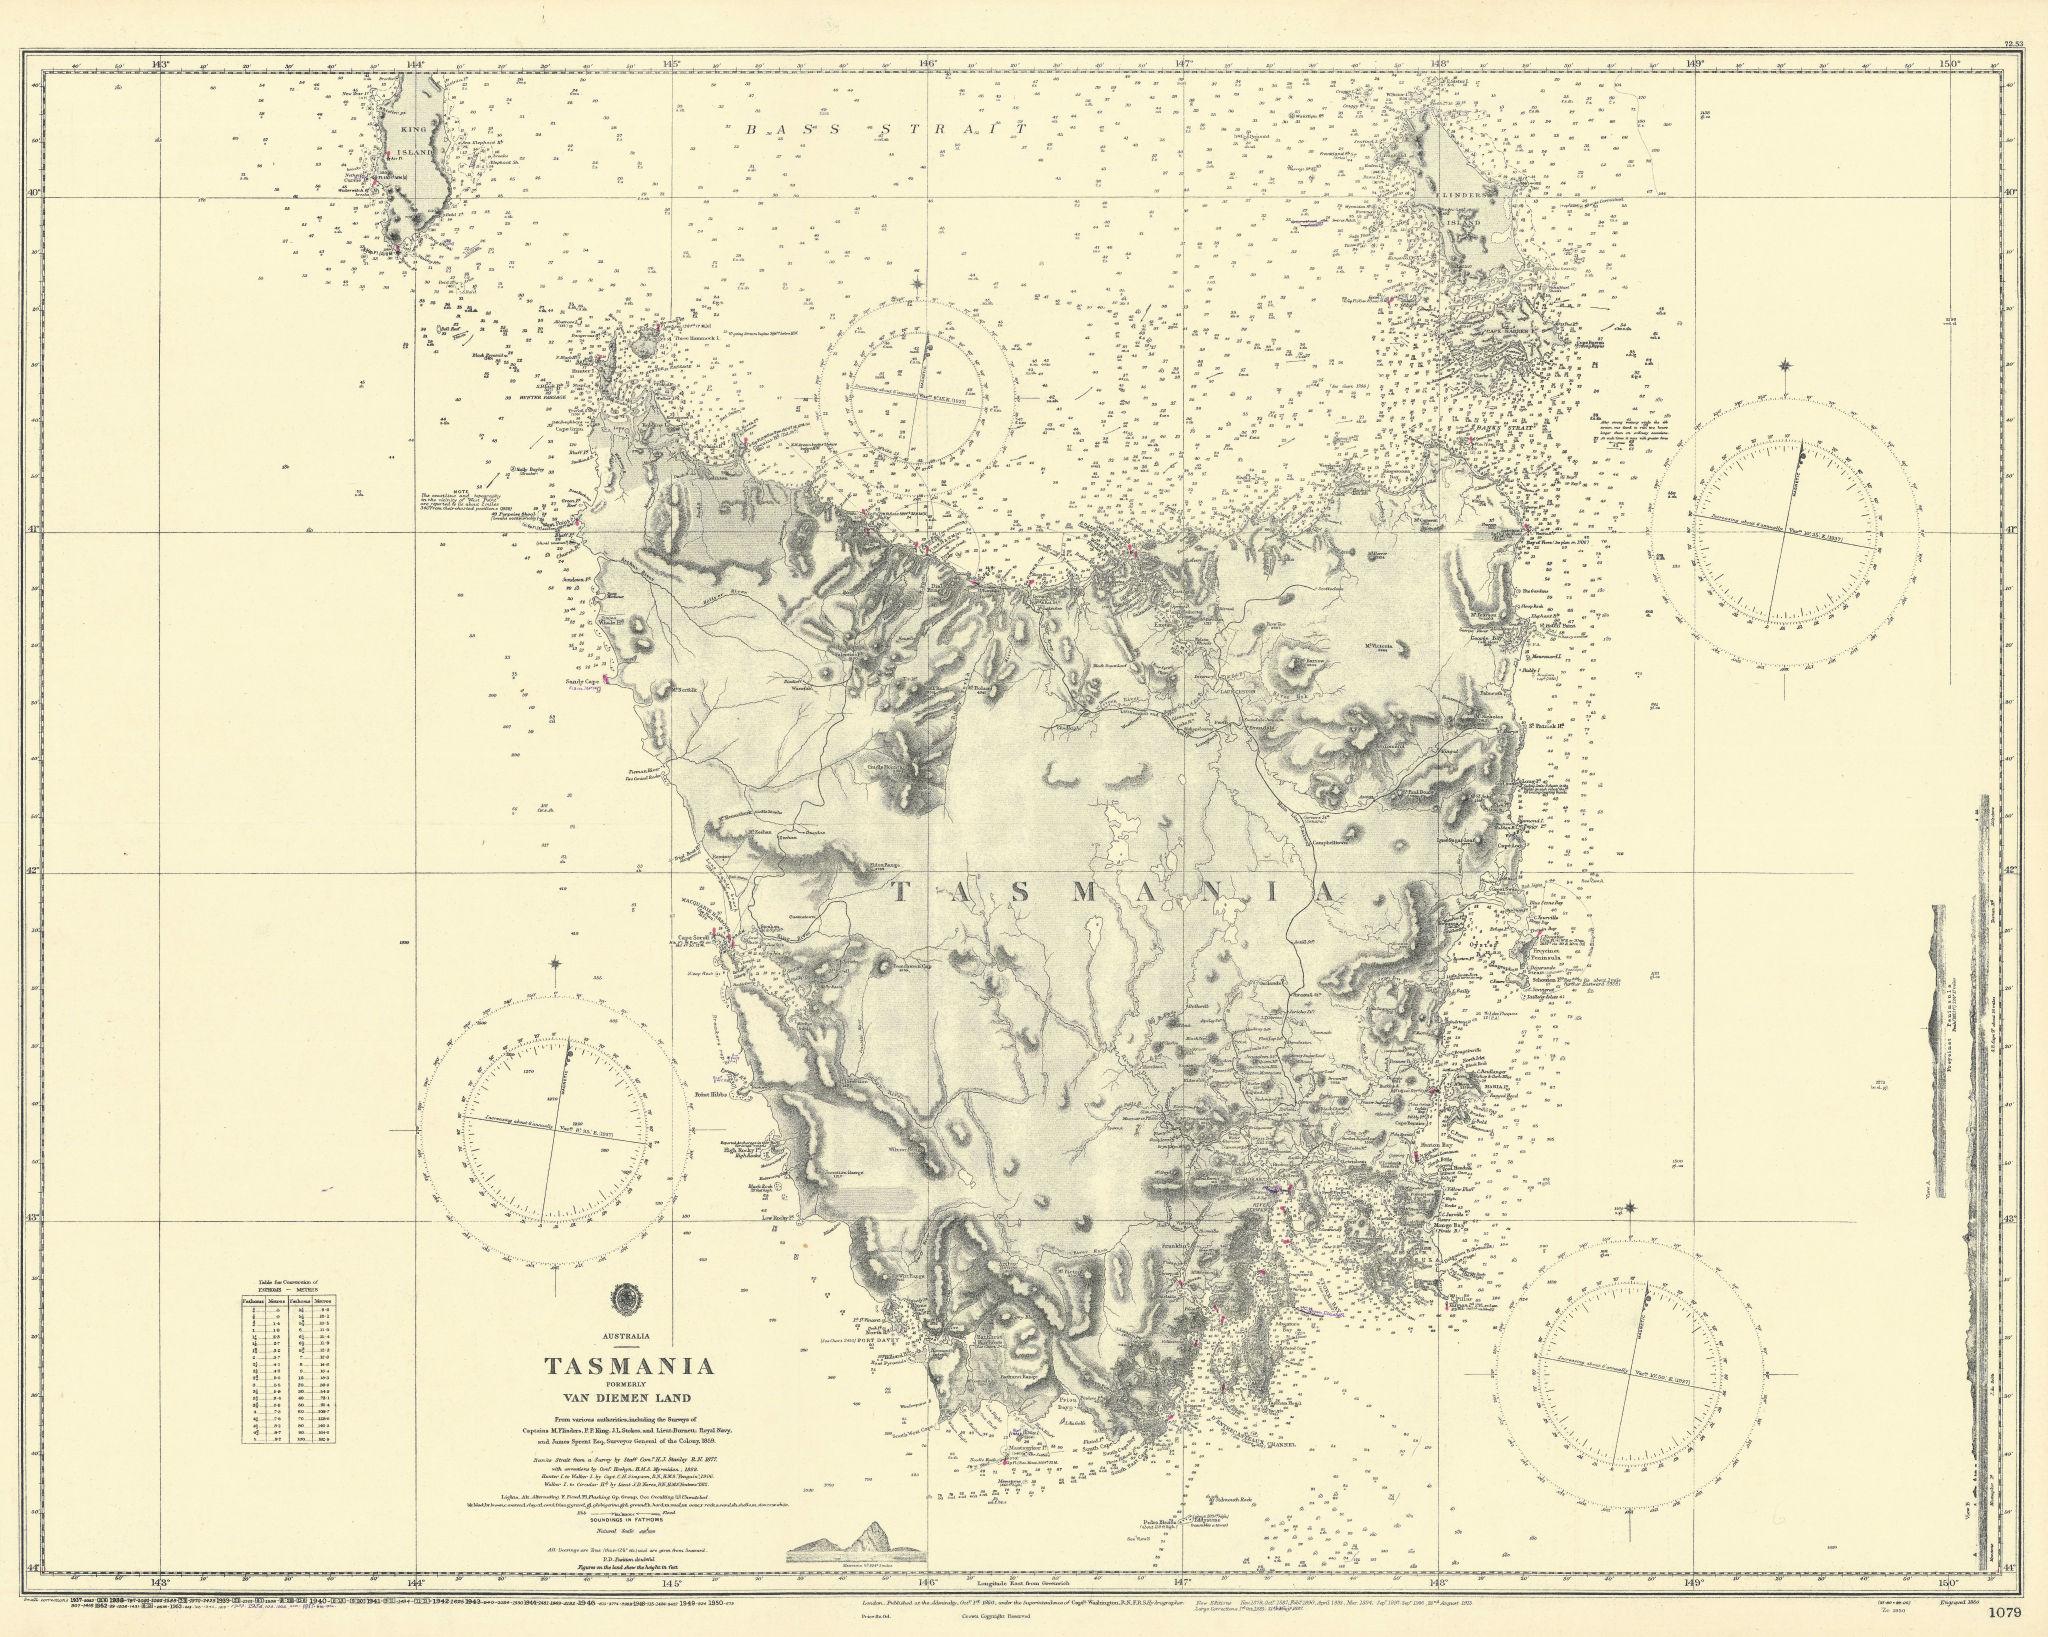 Tasmania / Van Diemen Land. Australia. ADMIRALTY sea chart 1860 (1955) old map